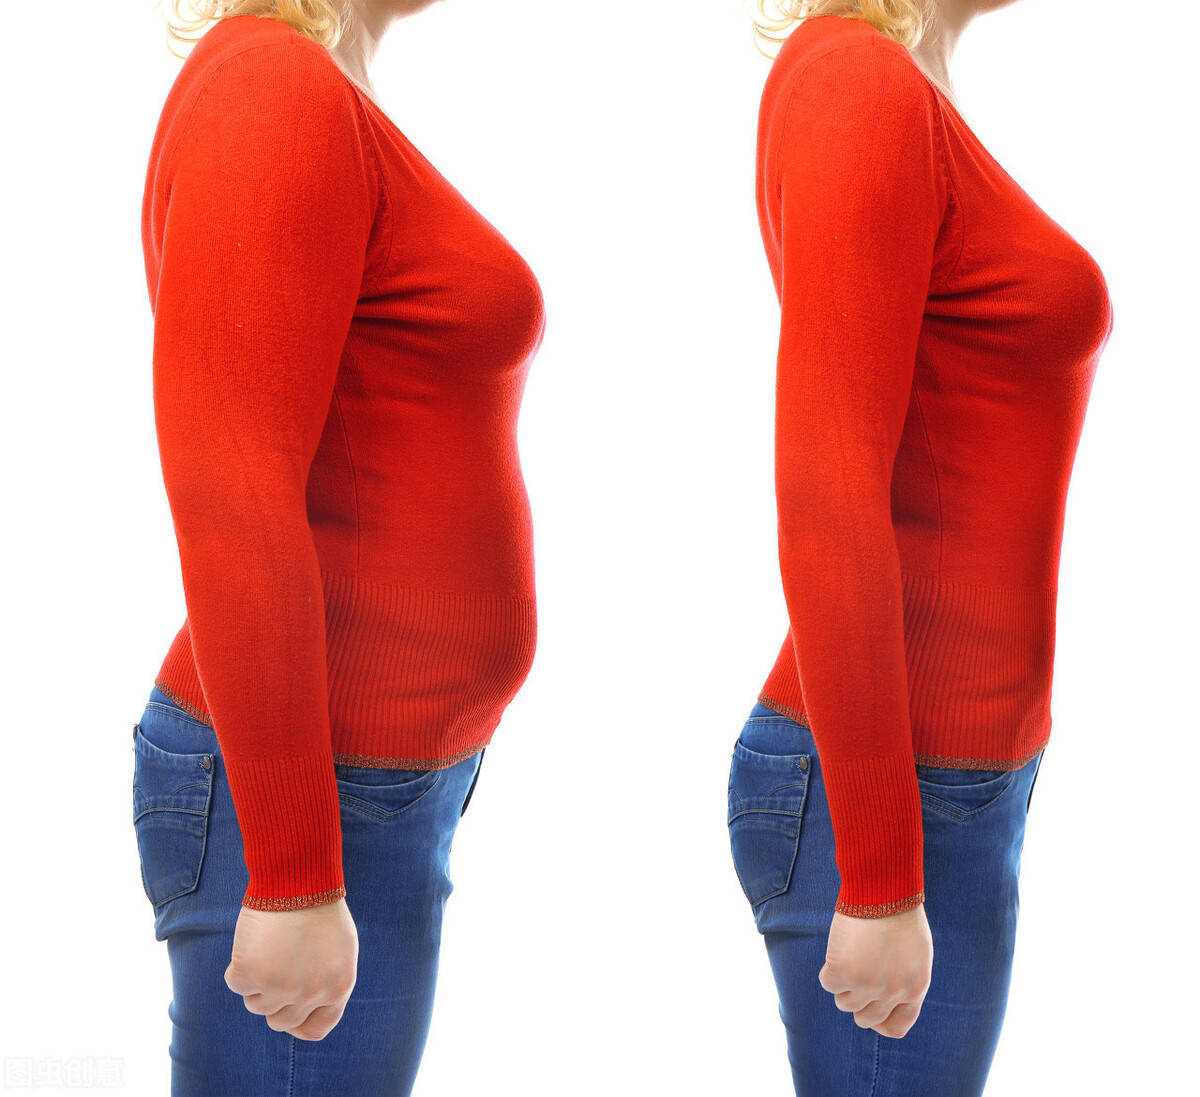 多做收腹动作,有什么好处?怎么才能练出腹肌?